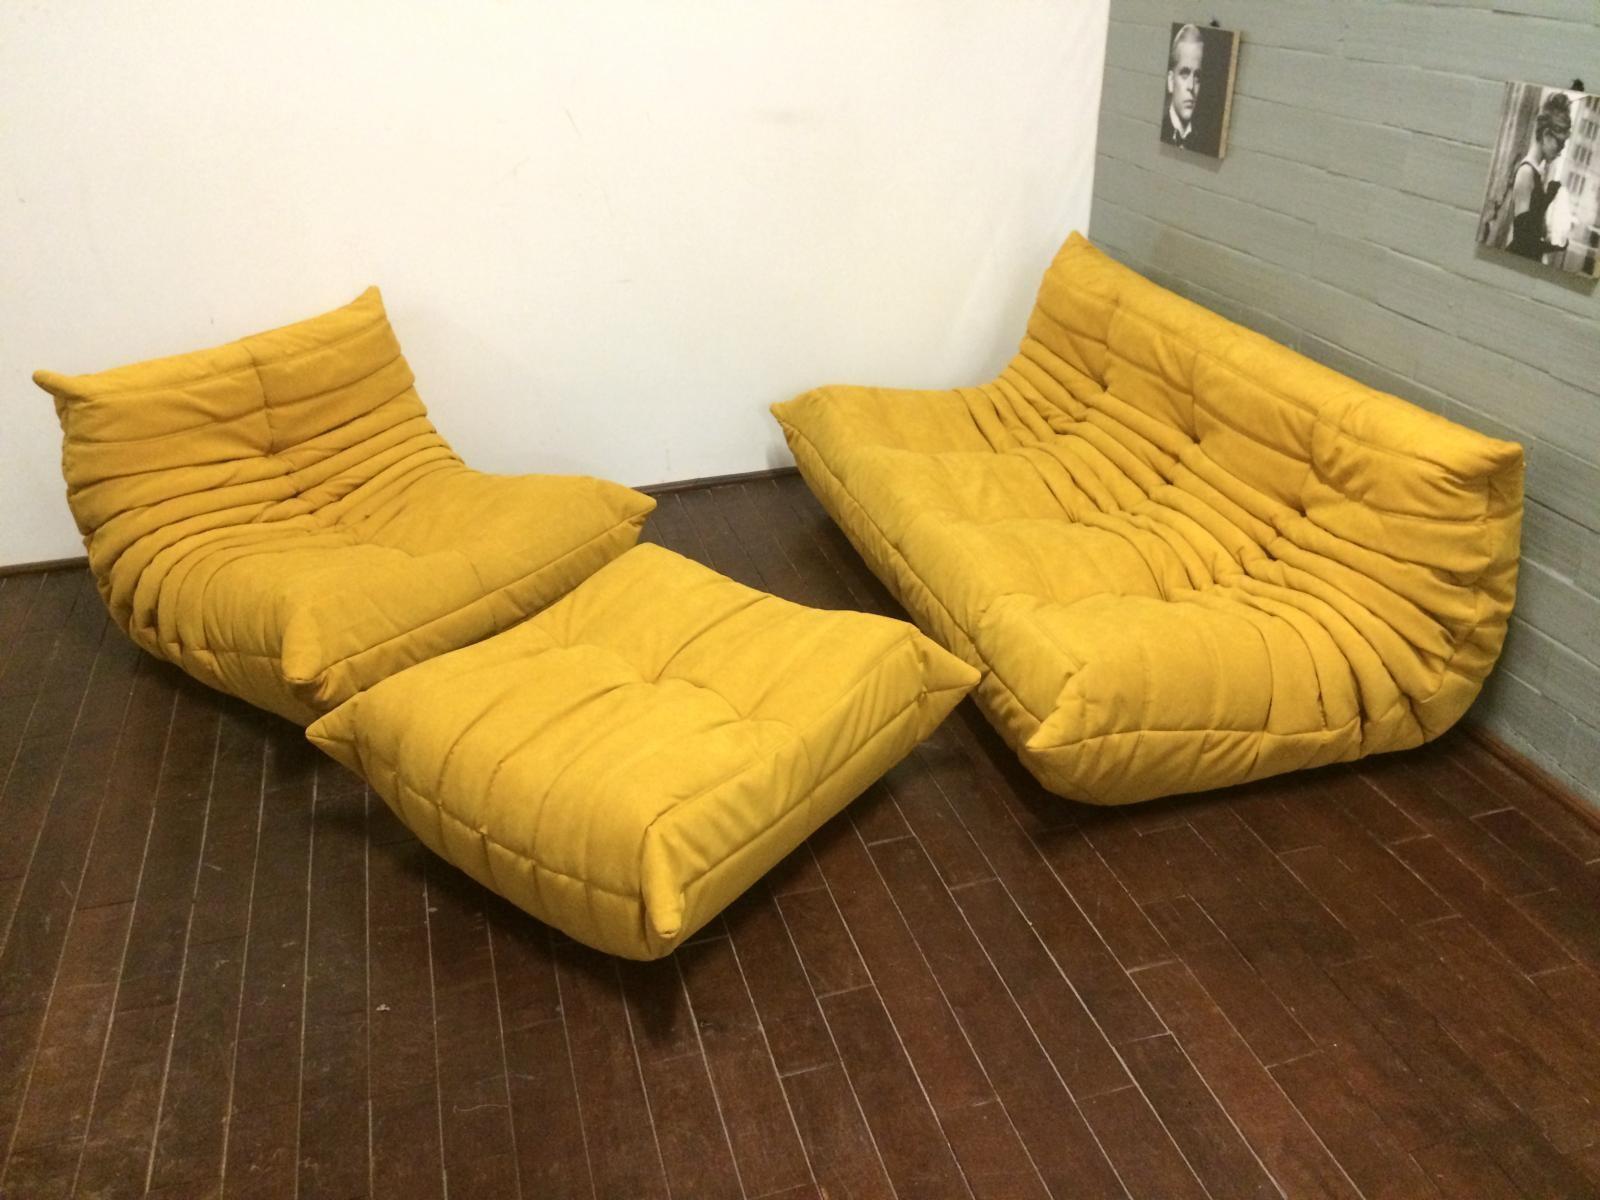 Full Size of Togo Sofa Sofas Designer Michel Ducaroy Ligne Roset Mit Elektrischer Sitztiefenverstellung Big Sam Minotti Türkische Reinigen überzug Abnehmbarer Bezug Sofa Togo Sofa